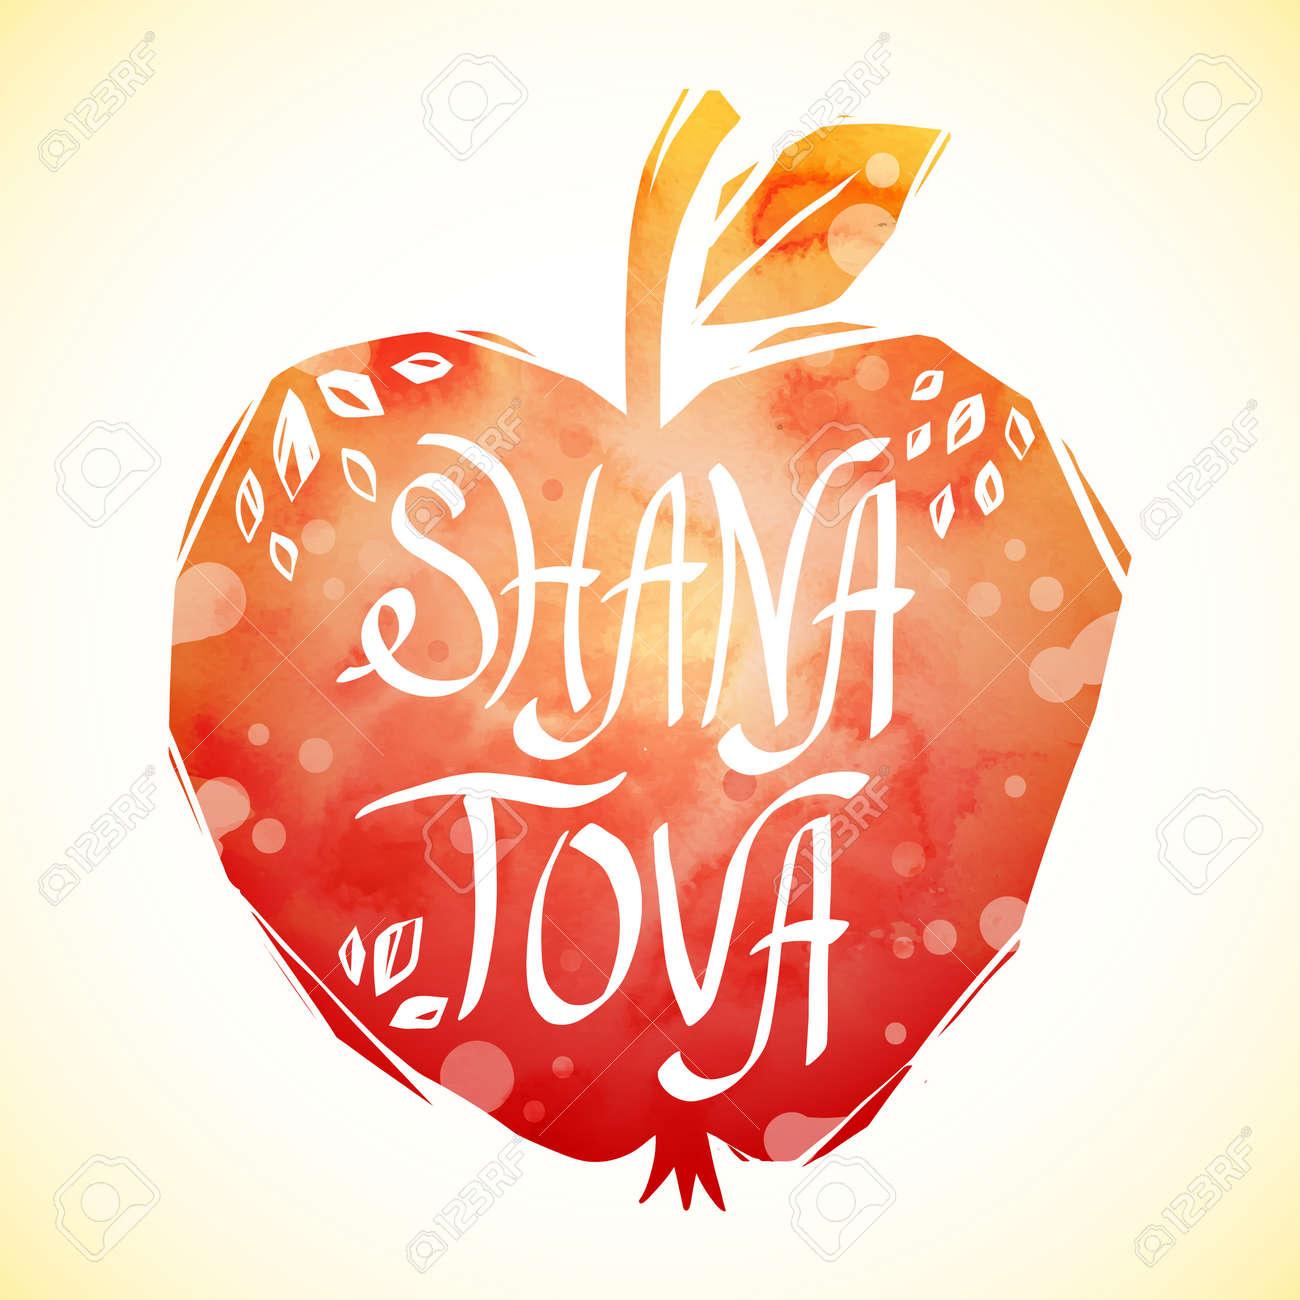 Rosh hashanah greeting card with apple shana tova or jewish rosh hashanah greeting card with apple shana tova or jewish new year symbols stock m4hsunfo